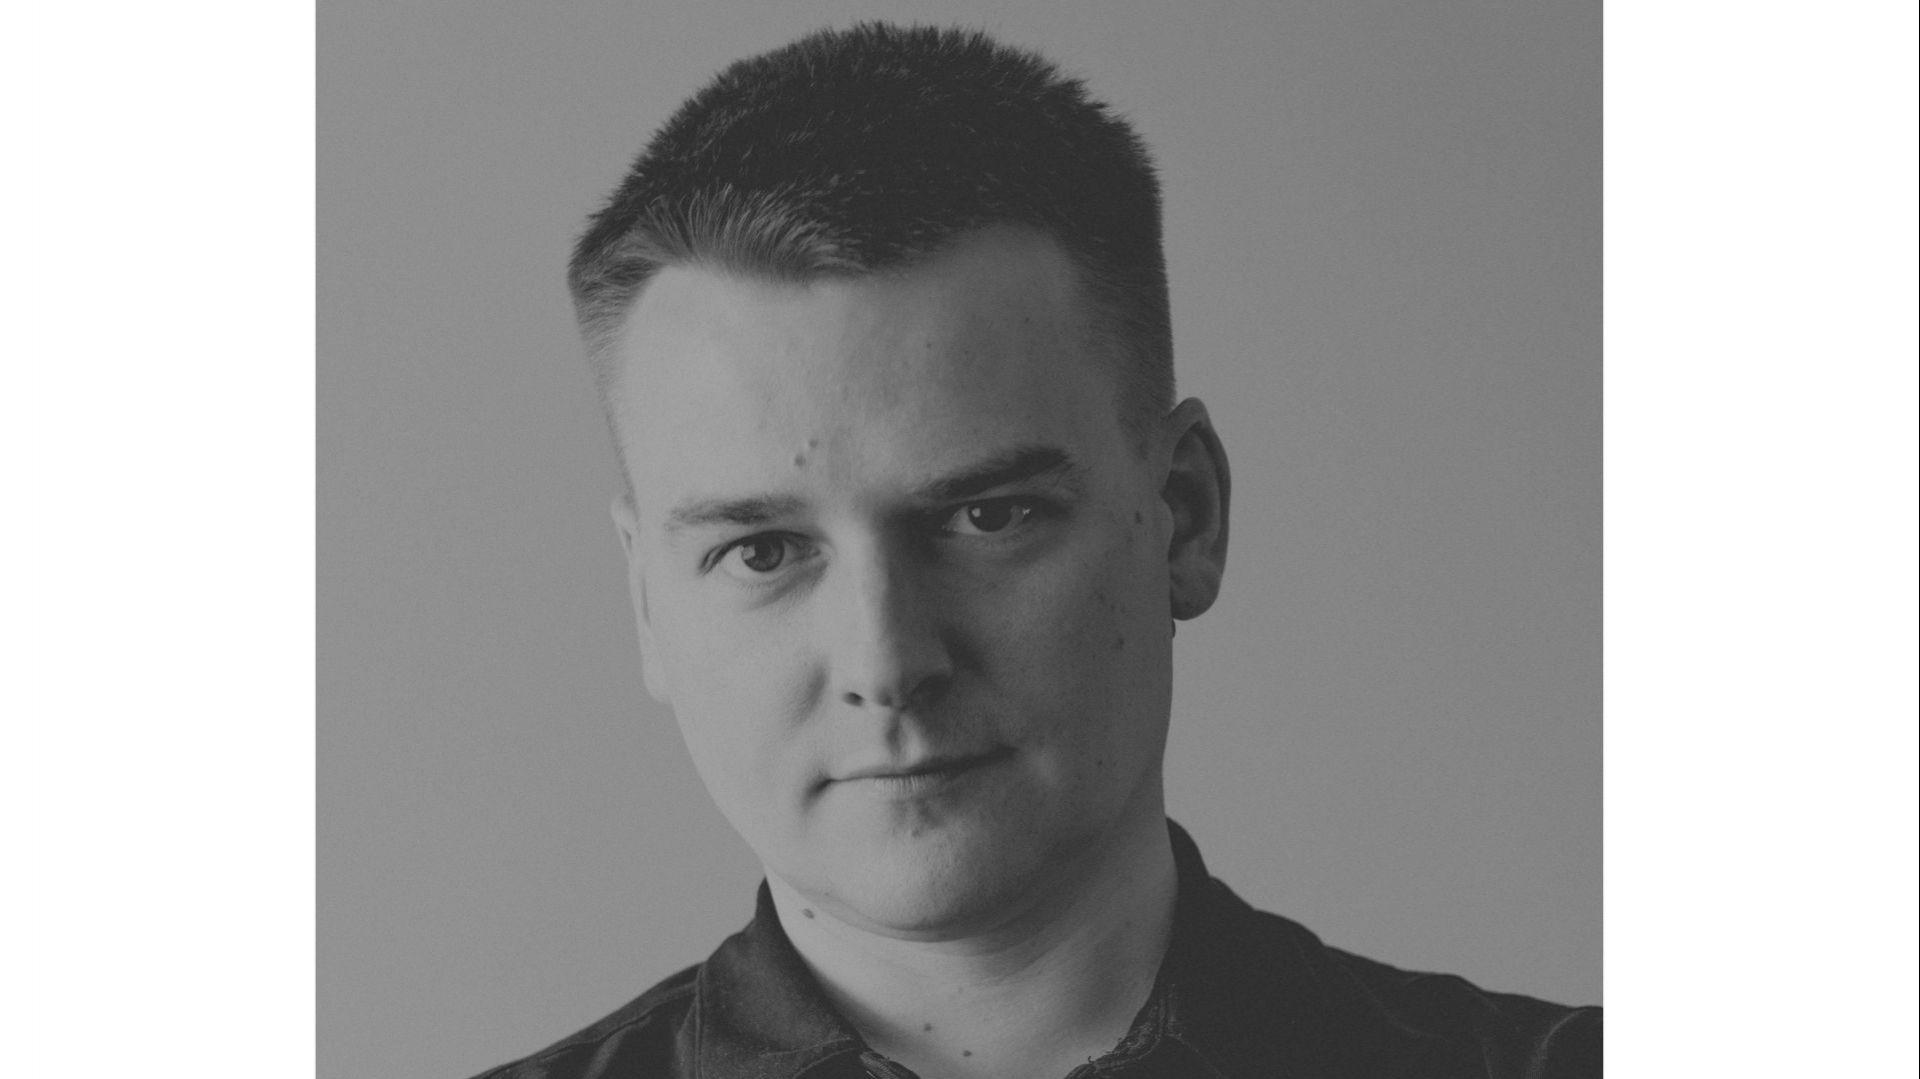 Michał Grela odsłoni tajniki fotografii wnętrz przed uczestnikami Studia Dobrych Rozwiązań w Lublinie 23 maja br.